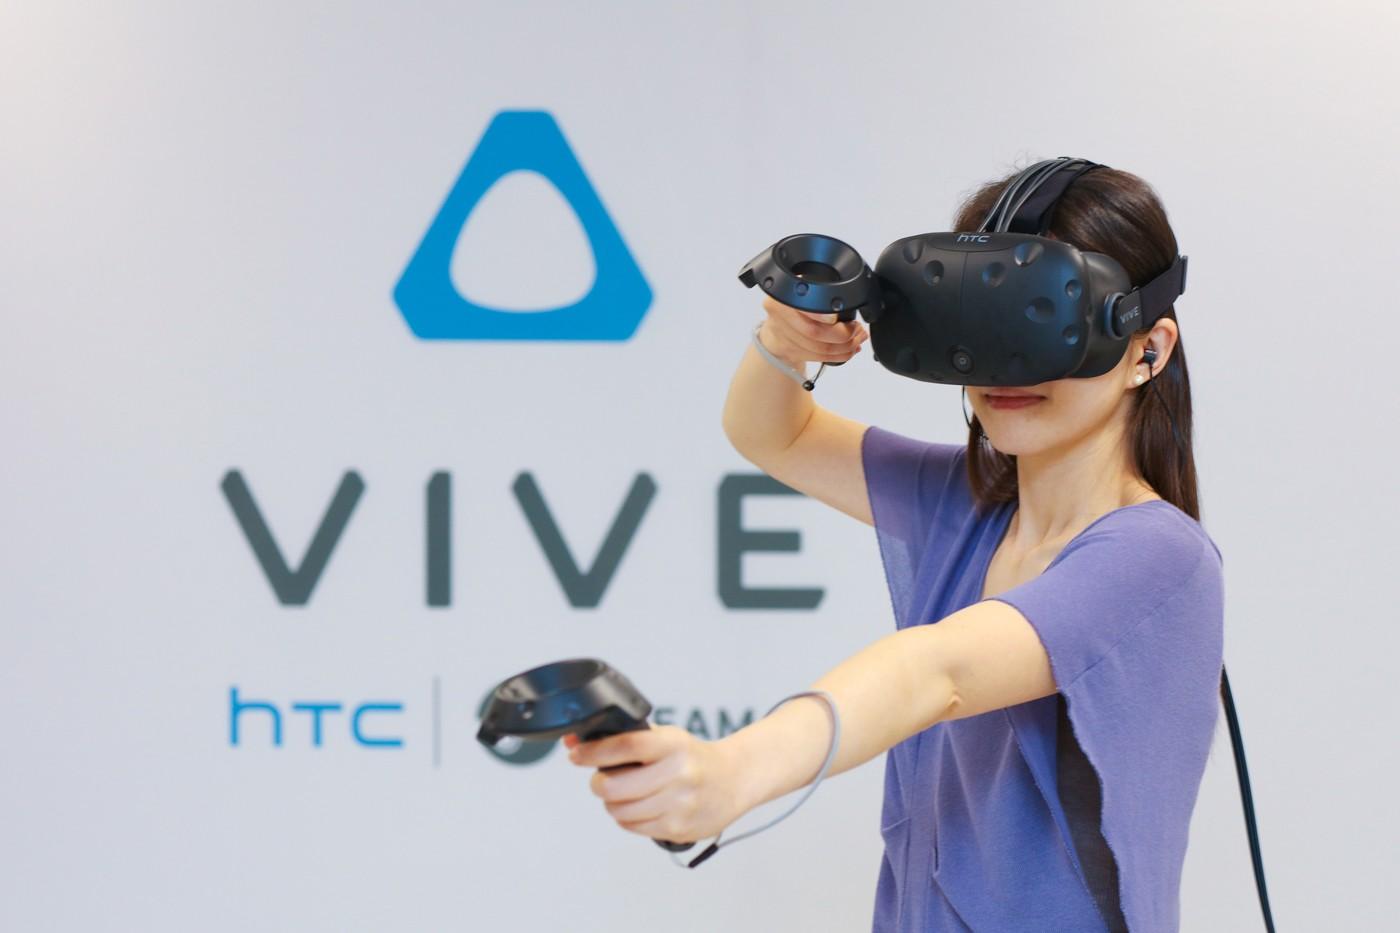 揭開生理時鐘的奧祕,HTC攜手諾貝爾獎用VR探索人體細胞